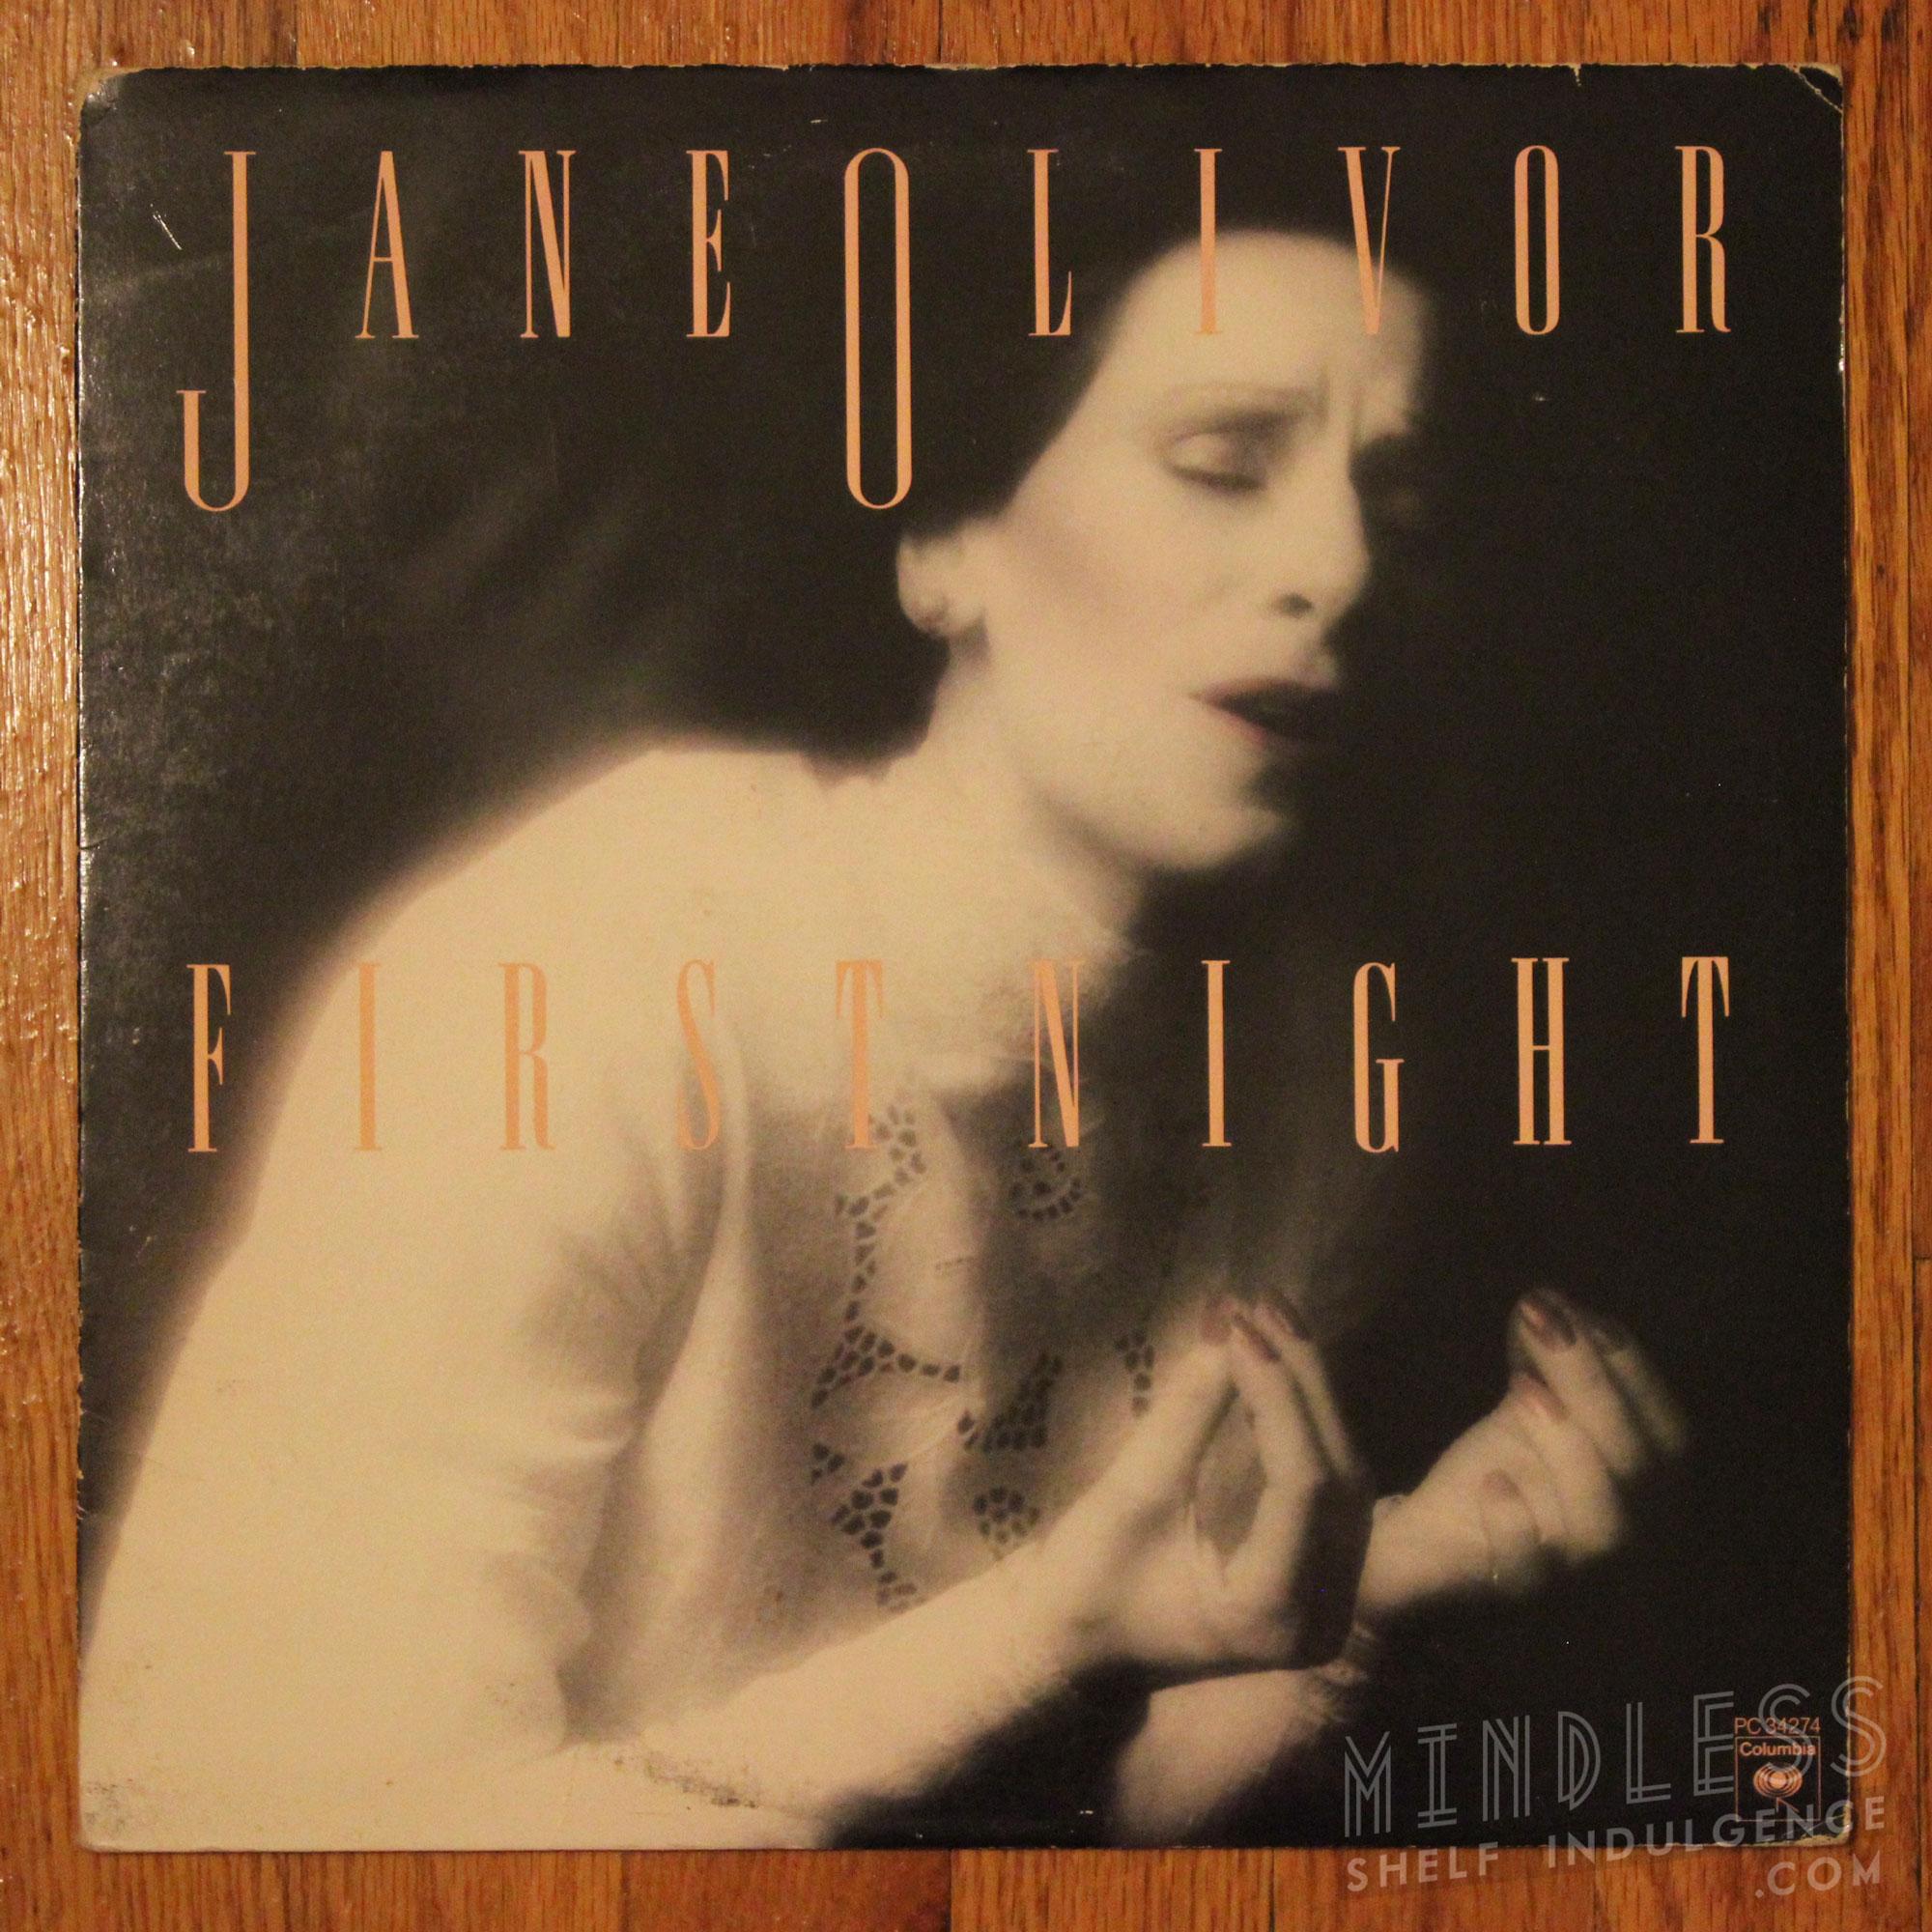 Jane Olivor First Night LP